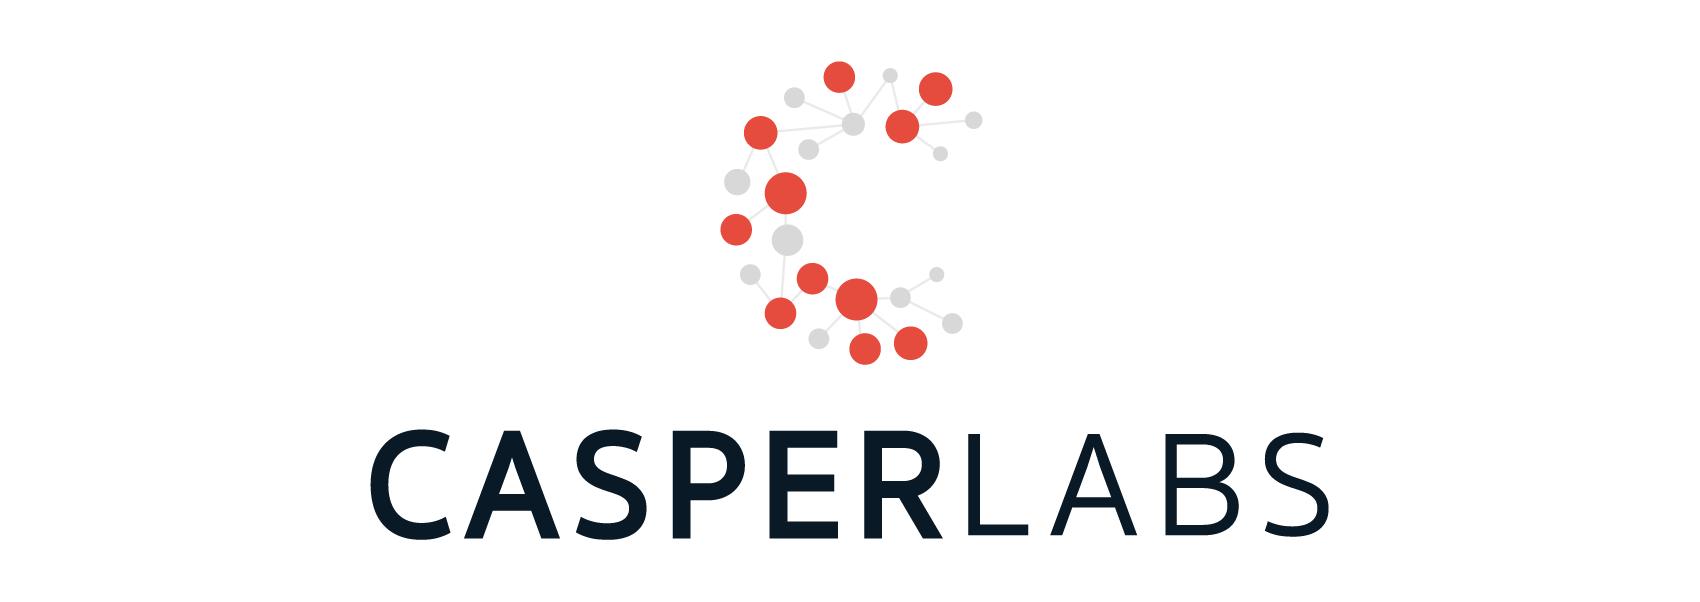 casperlabs logo1